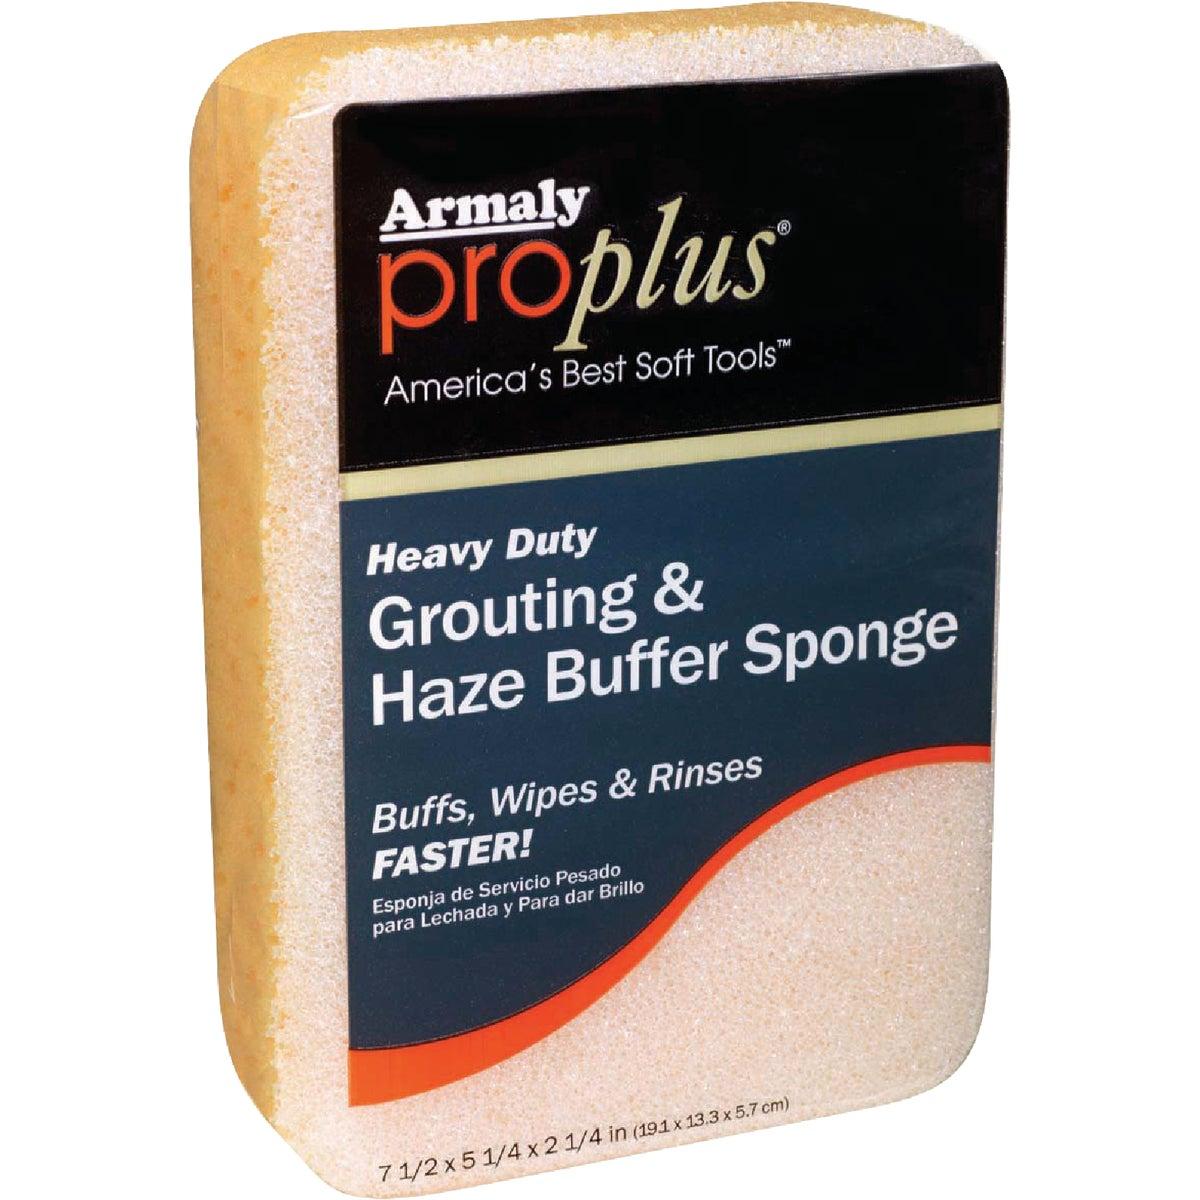 Armaly ProPlus Haze Buffer & Grout Sponge